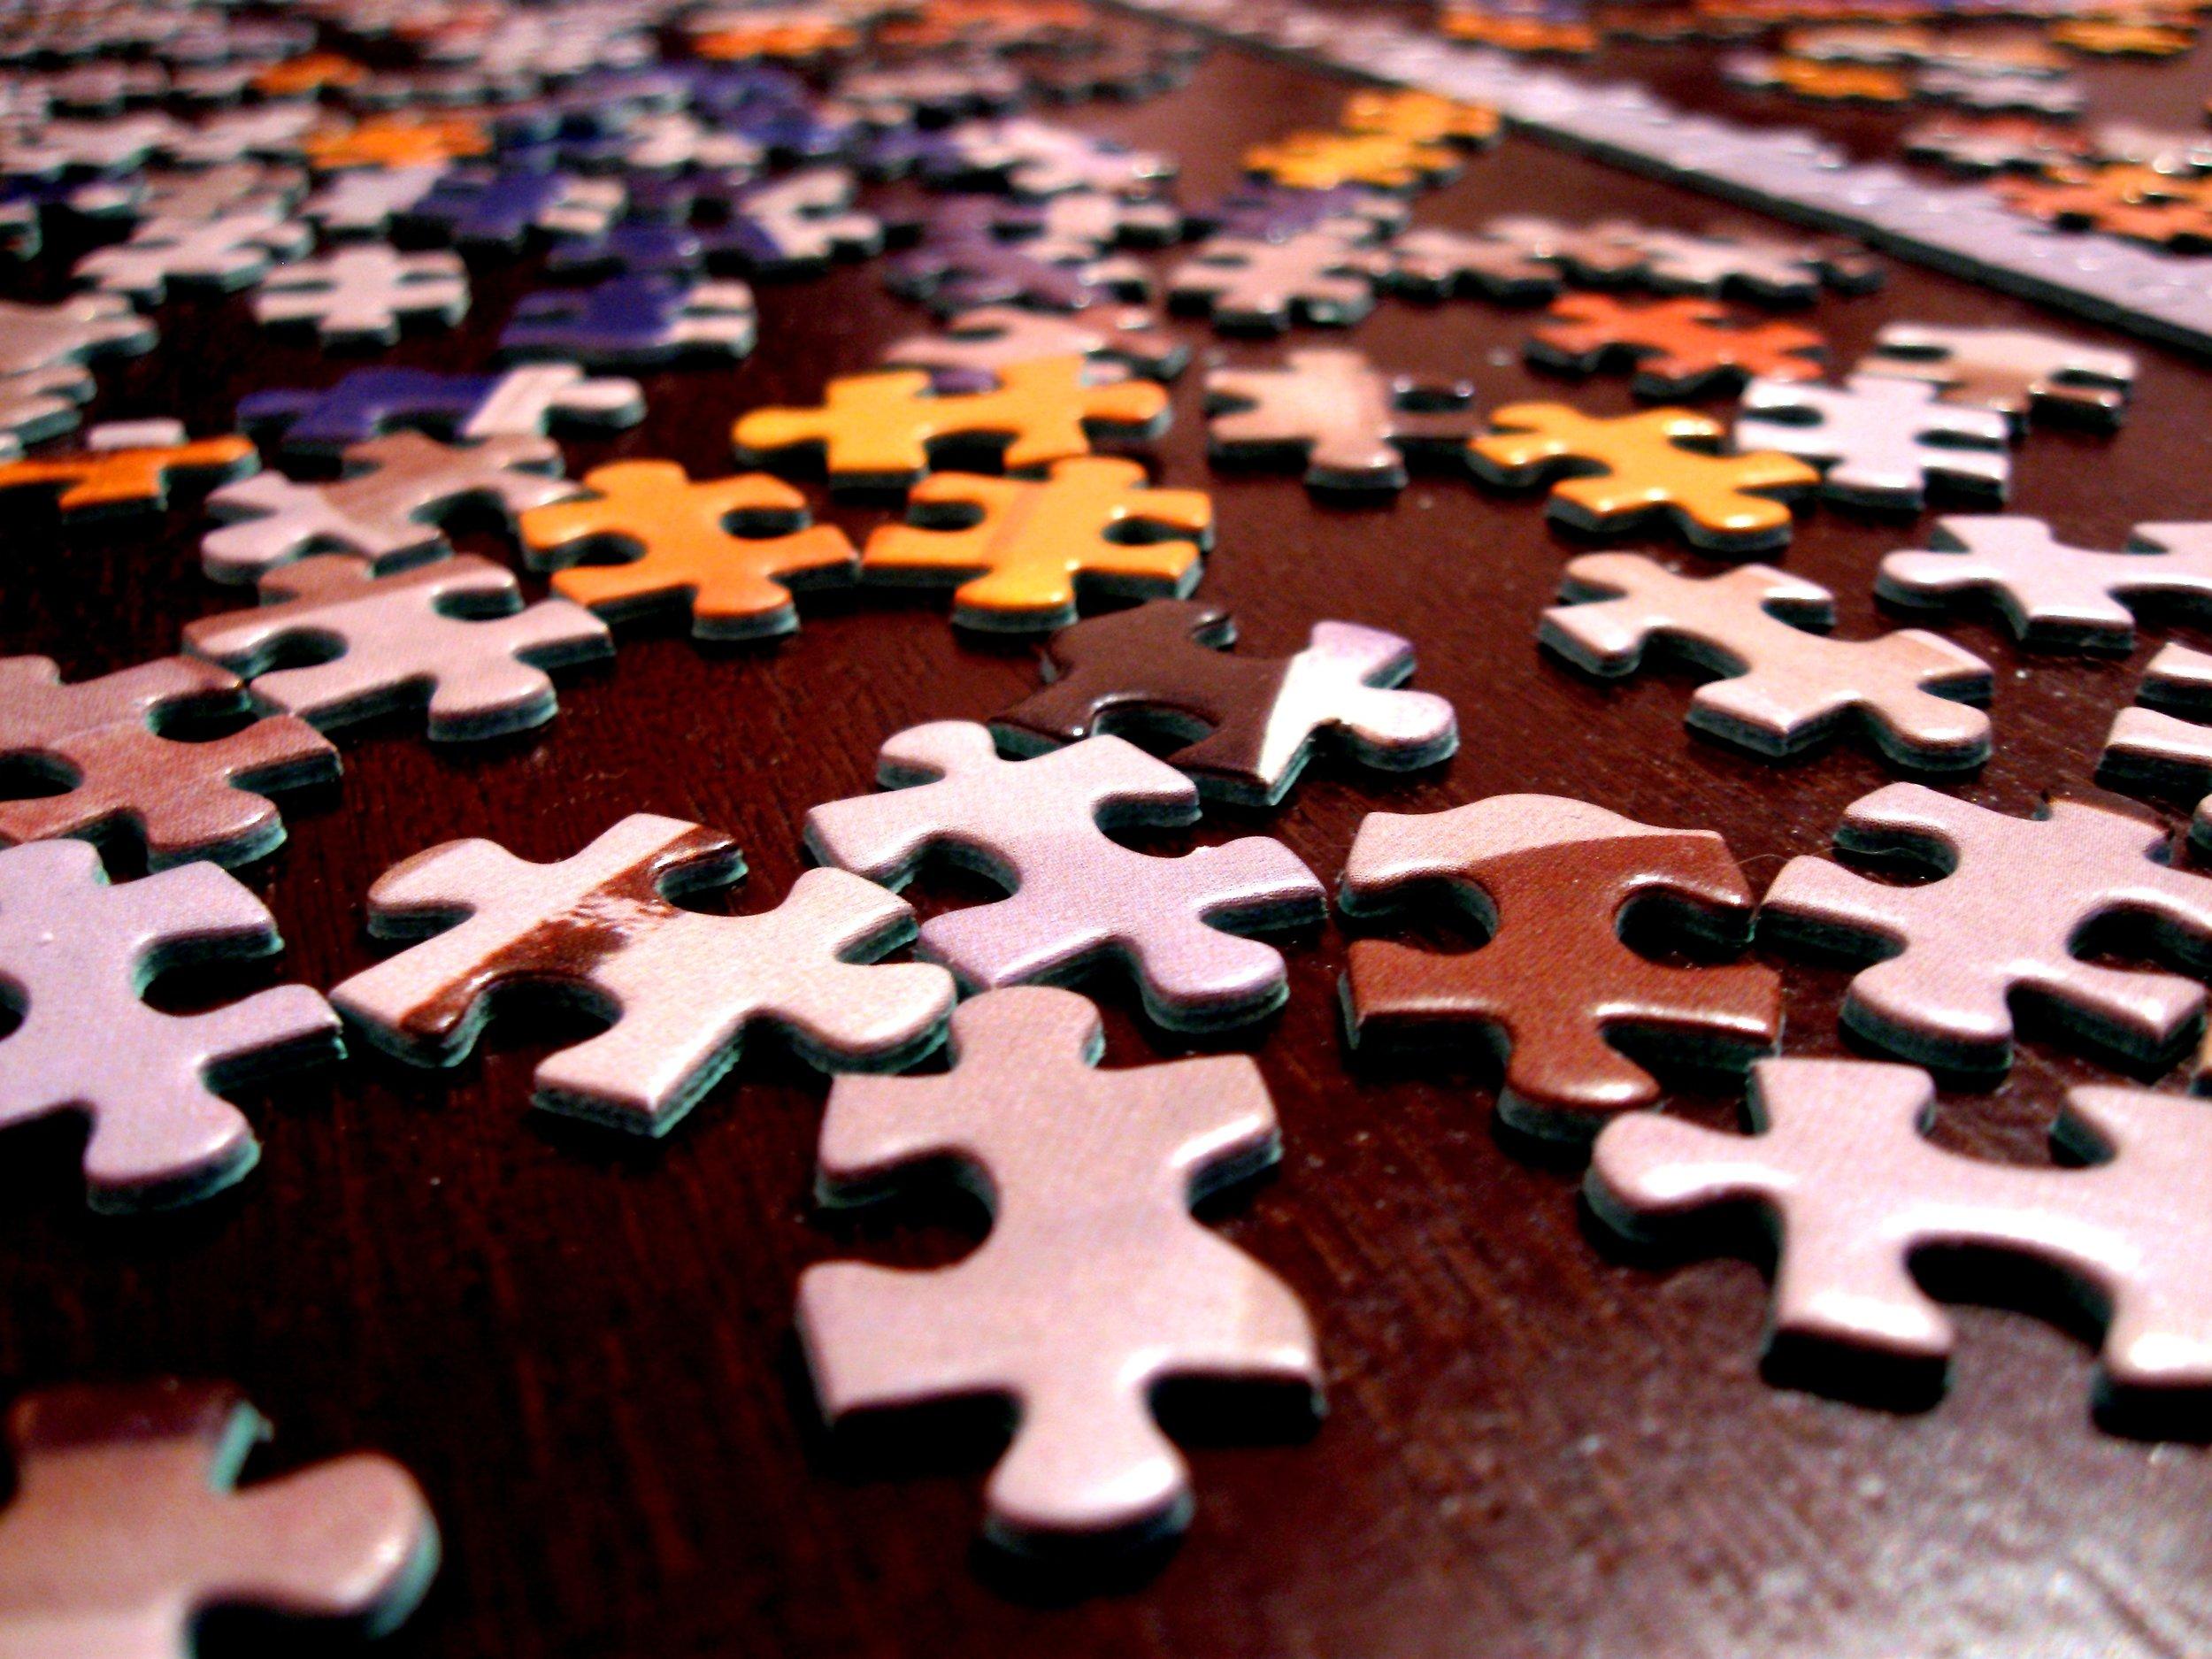 assemble-challenge-combine-269399 (1).jpg